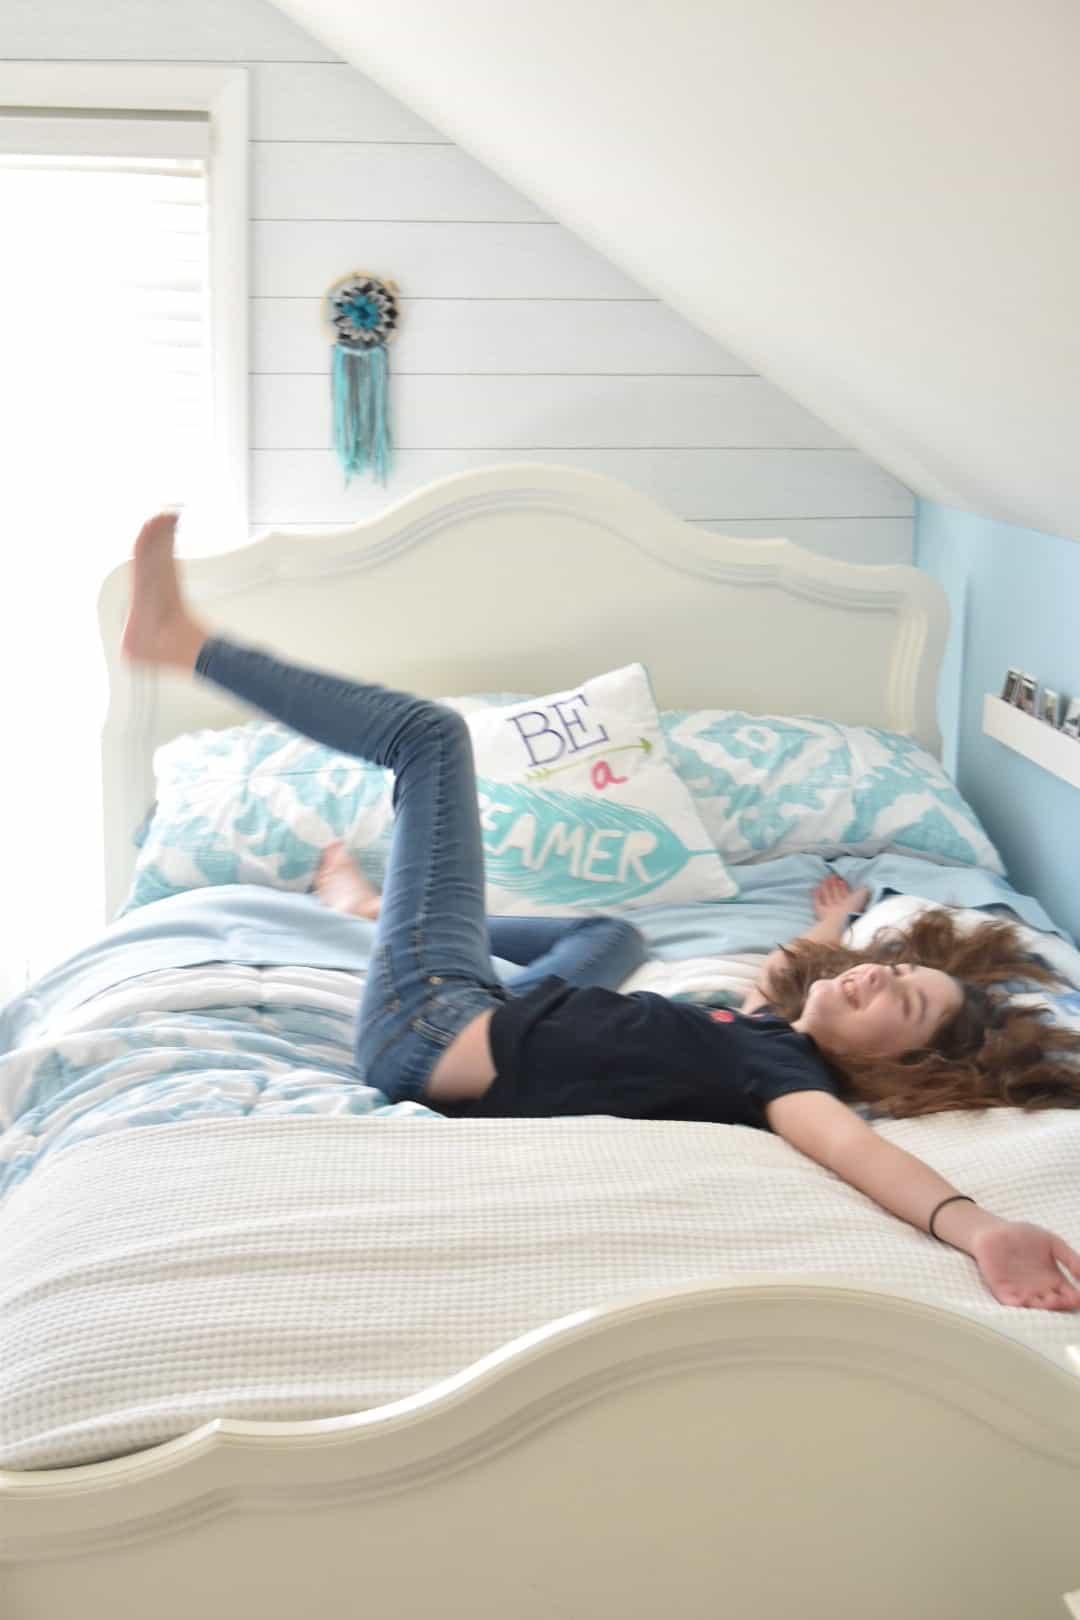 Tween Girl Bedroom Inspiration #beachthemed #potterybarnteen #teengirlbedroom